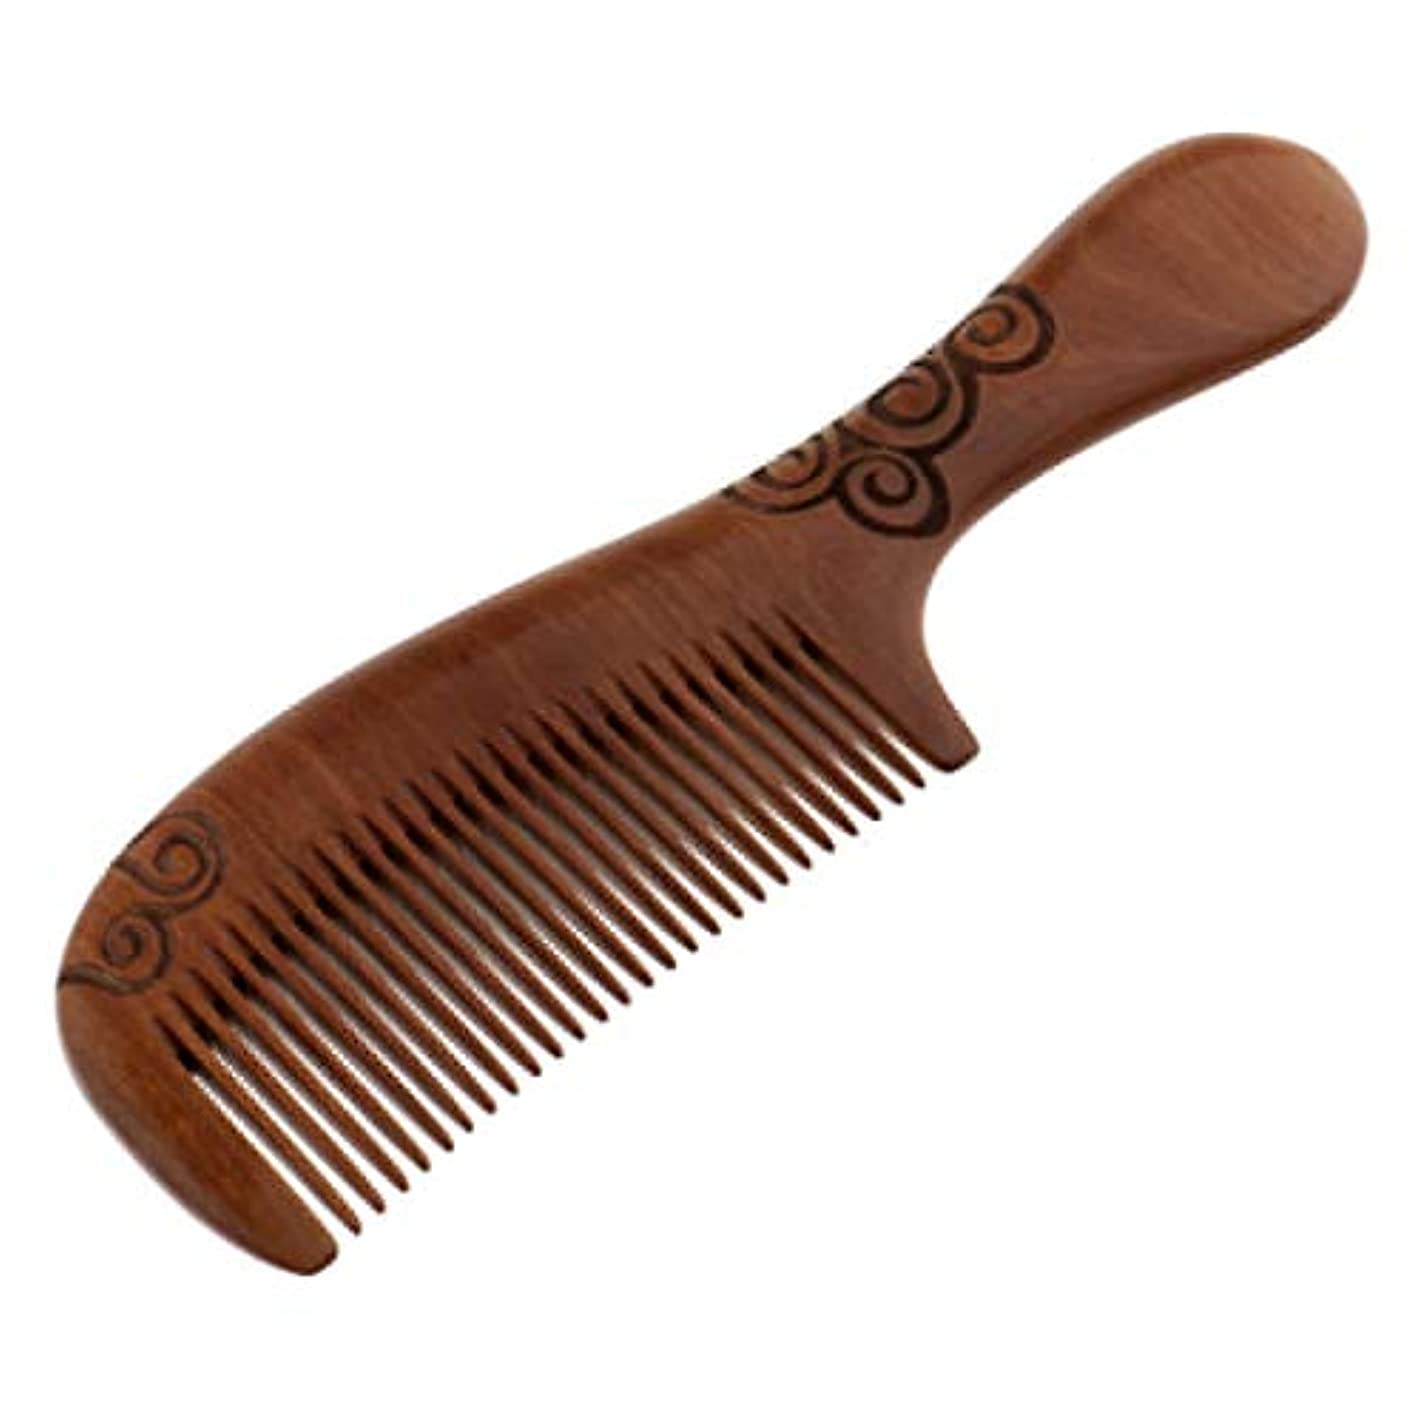 銅レキシコン新年Toygogo くし コーム 木製 頭皮マッサージ ヘア櫛 木製ヘアコーム ヘアケア 髪の櫛 帯電防止 耐熱性